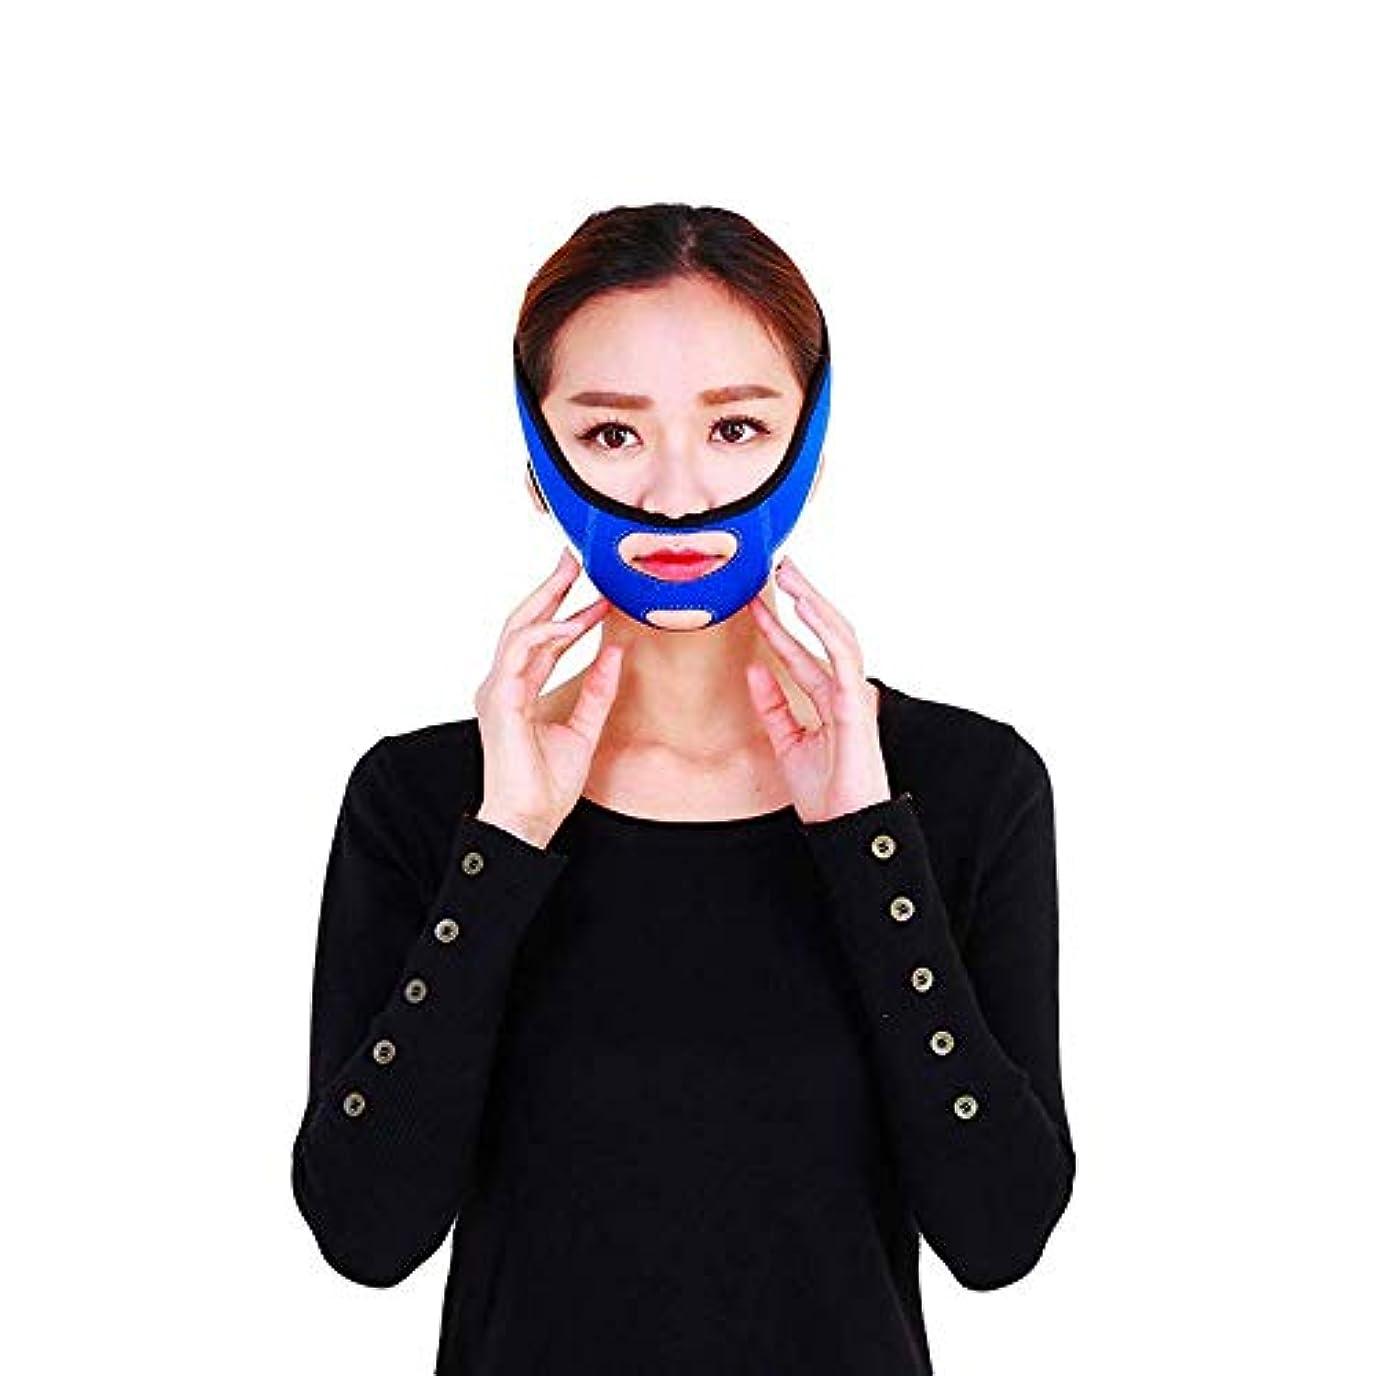 基礎理論小川料理二重顎顔面矯正ツールであるフェースシェイプドマスクVfaceアーチファクトを強力に強化する包帯